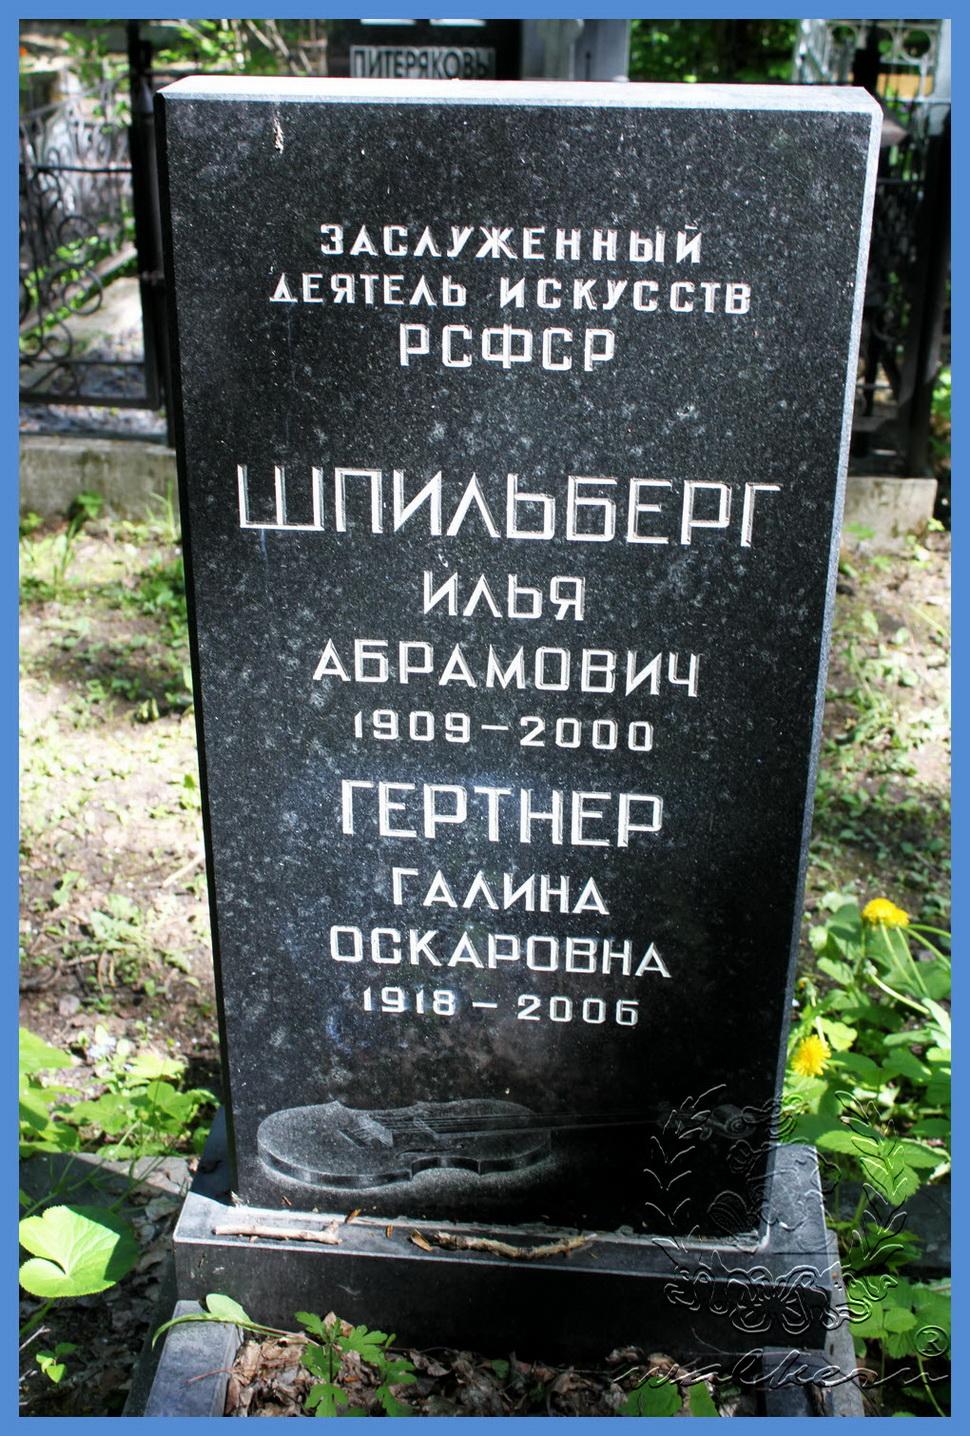 Шпильберг Илья Абрамович